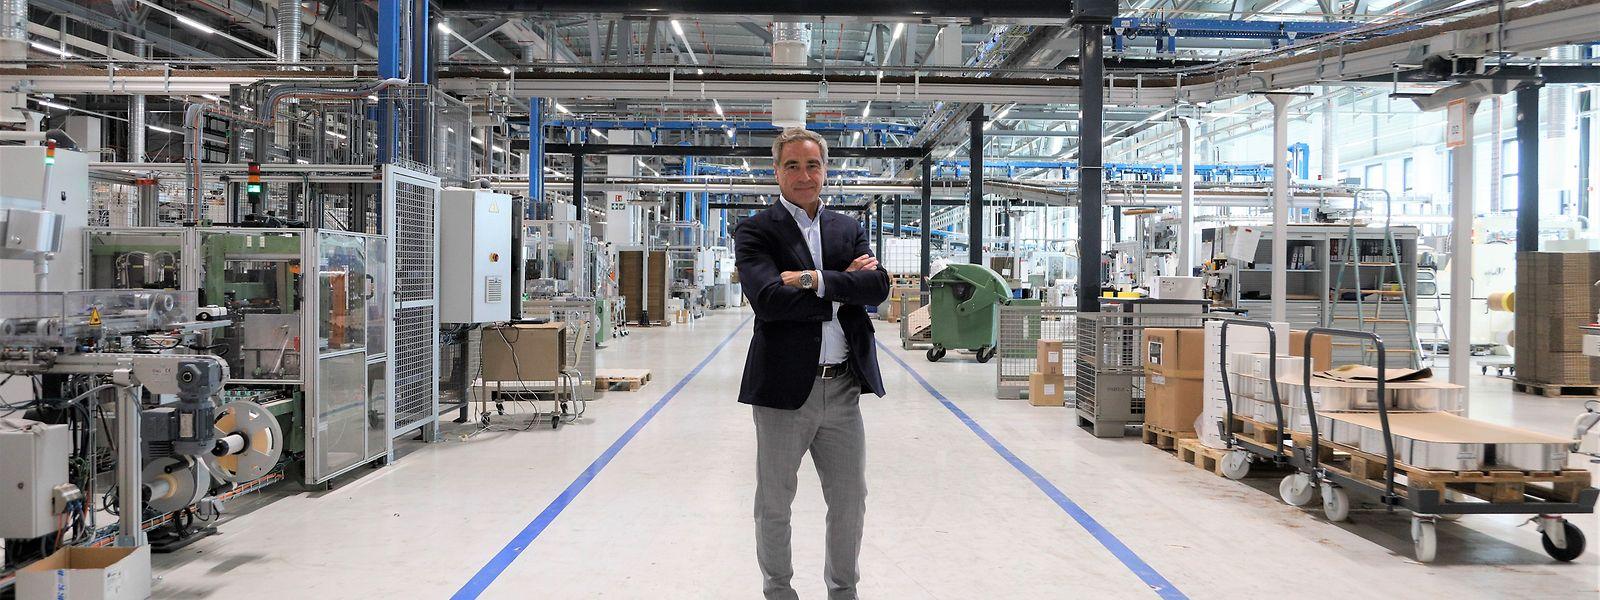 Geschäftsführer Jan Vandenneucker: Fast 100 Millionen Euro investierte Landewyck - am neuen Standort wird die Luxemburger Produktion gebündelt.